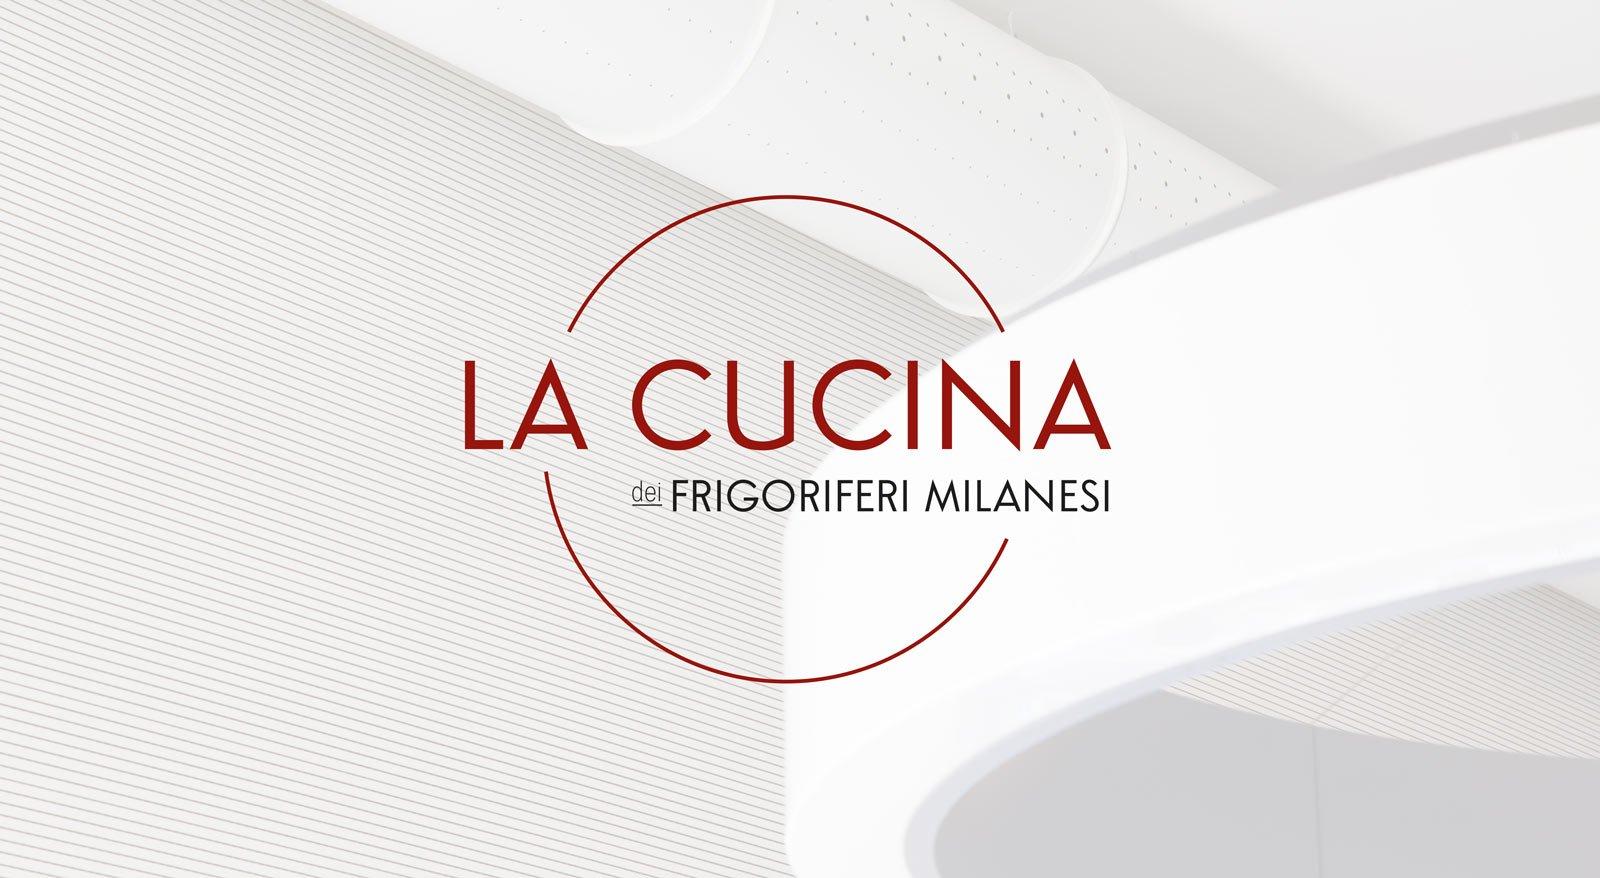 la cucina dei frigoriferi milanesi logo kayak agenzia di comunicazione milano